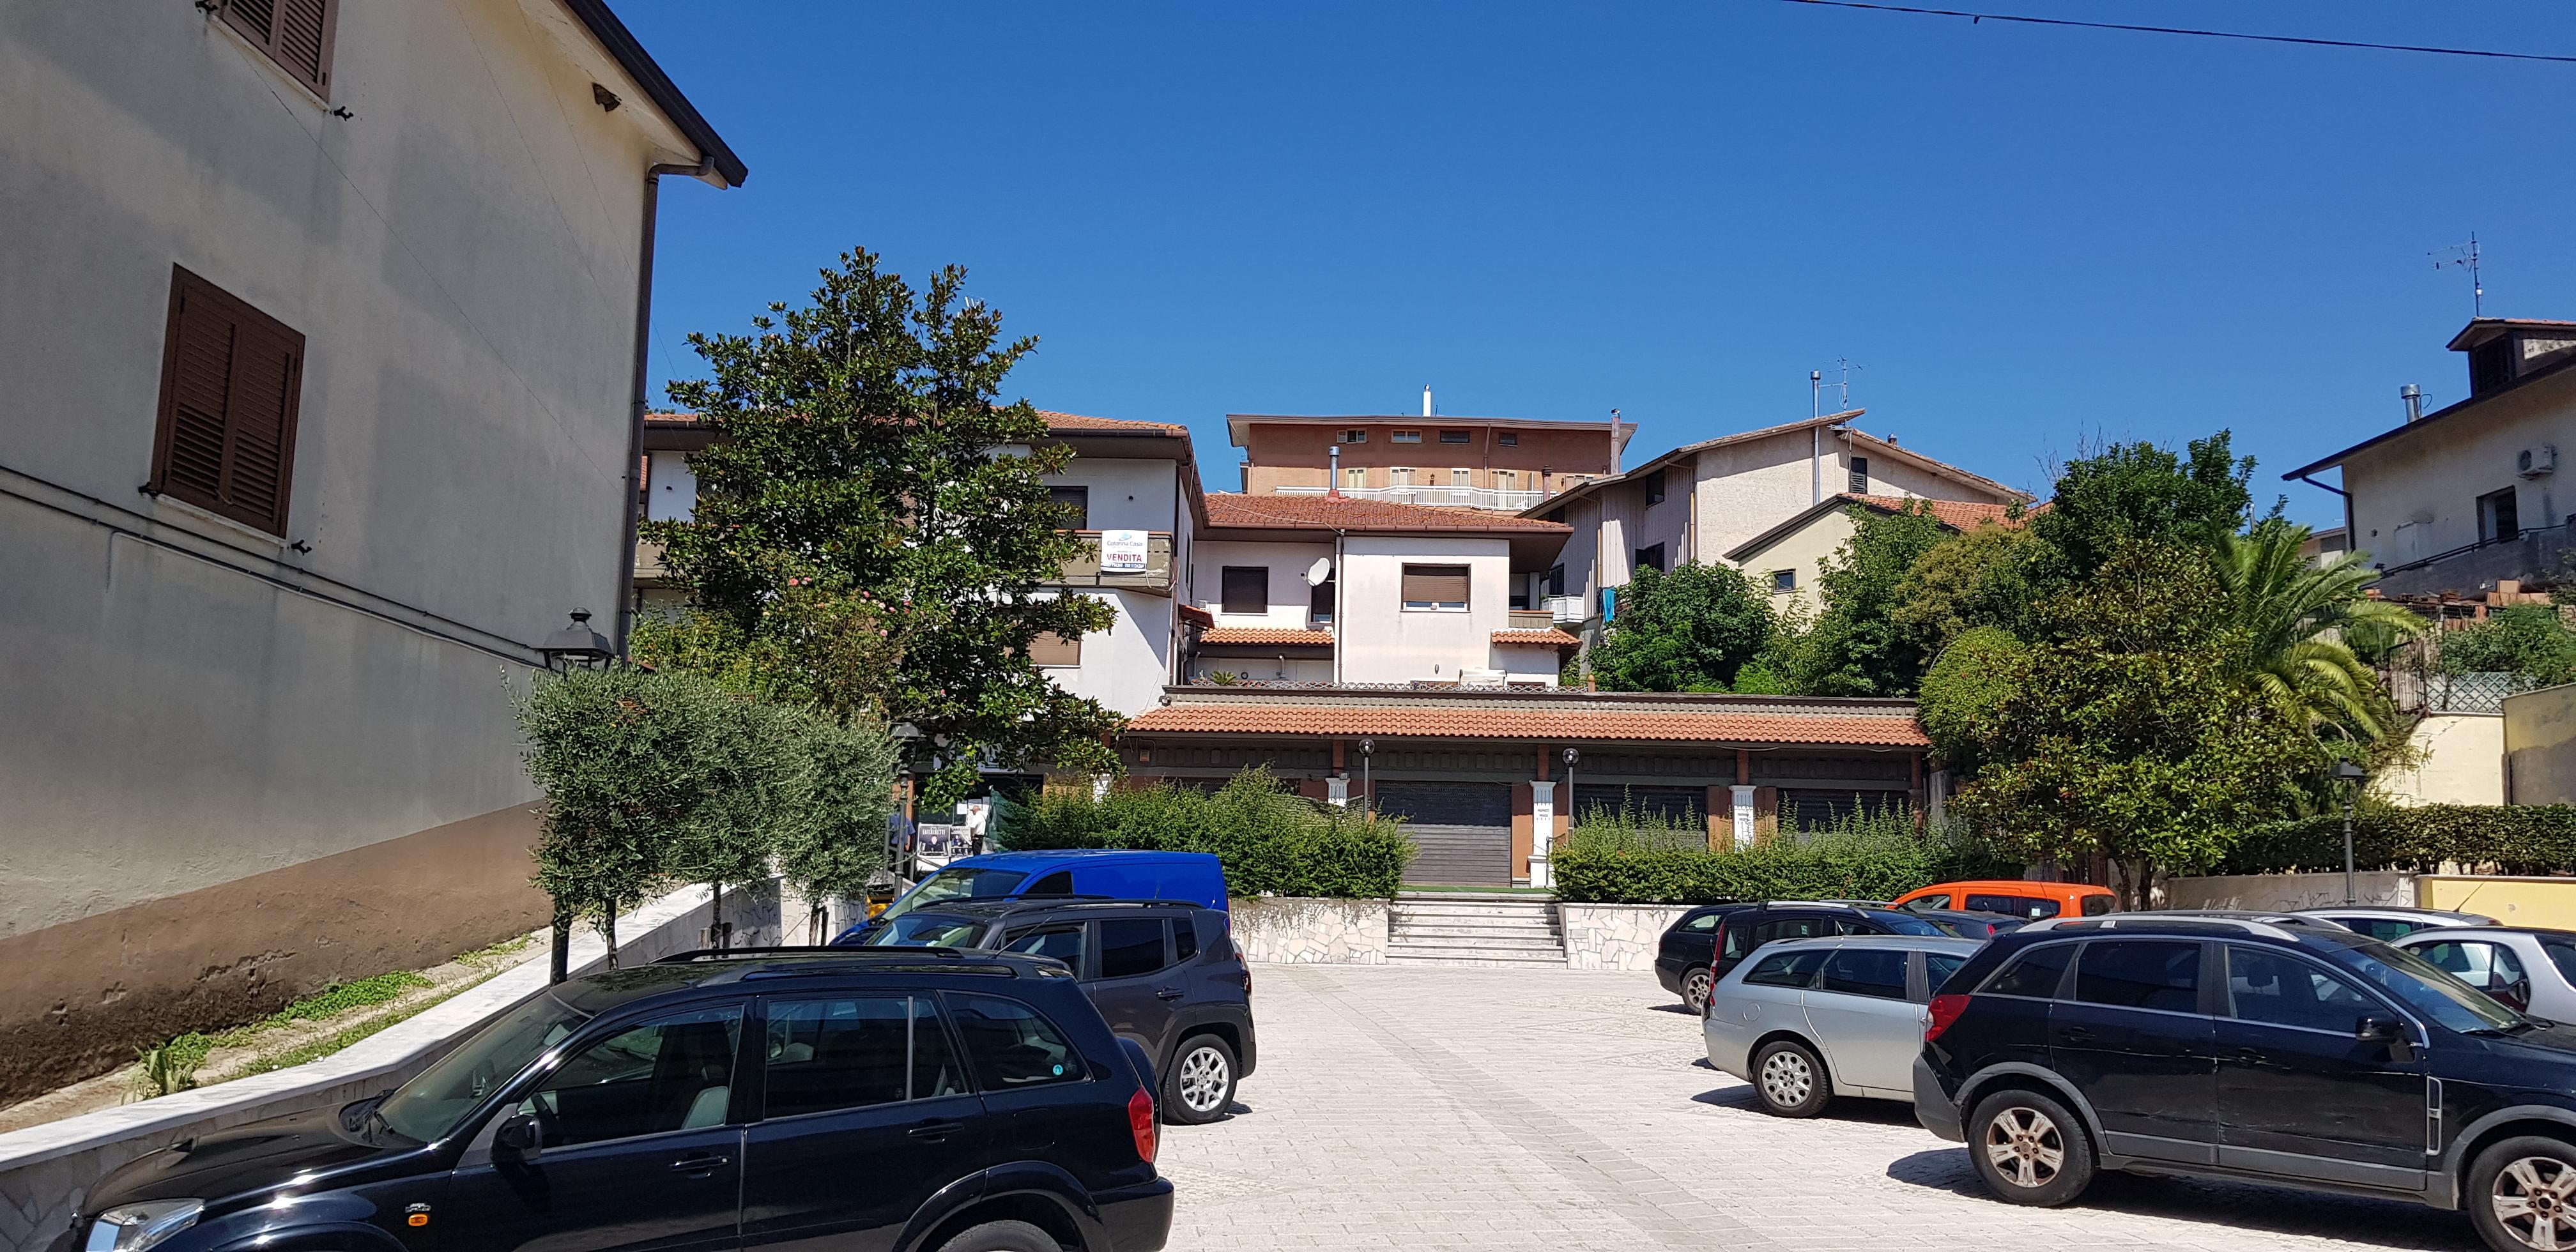 Candida (AV) Villa di circa 200 mq al centro del paese